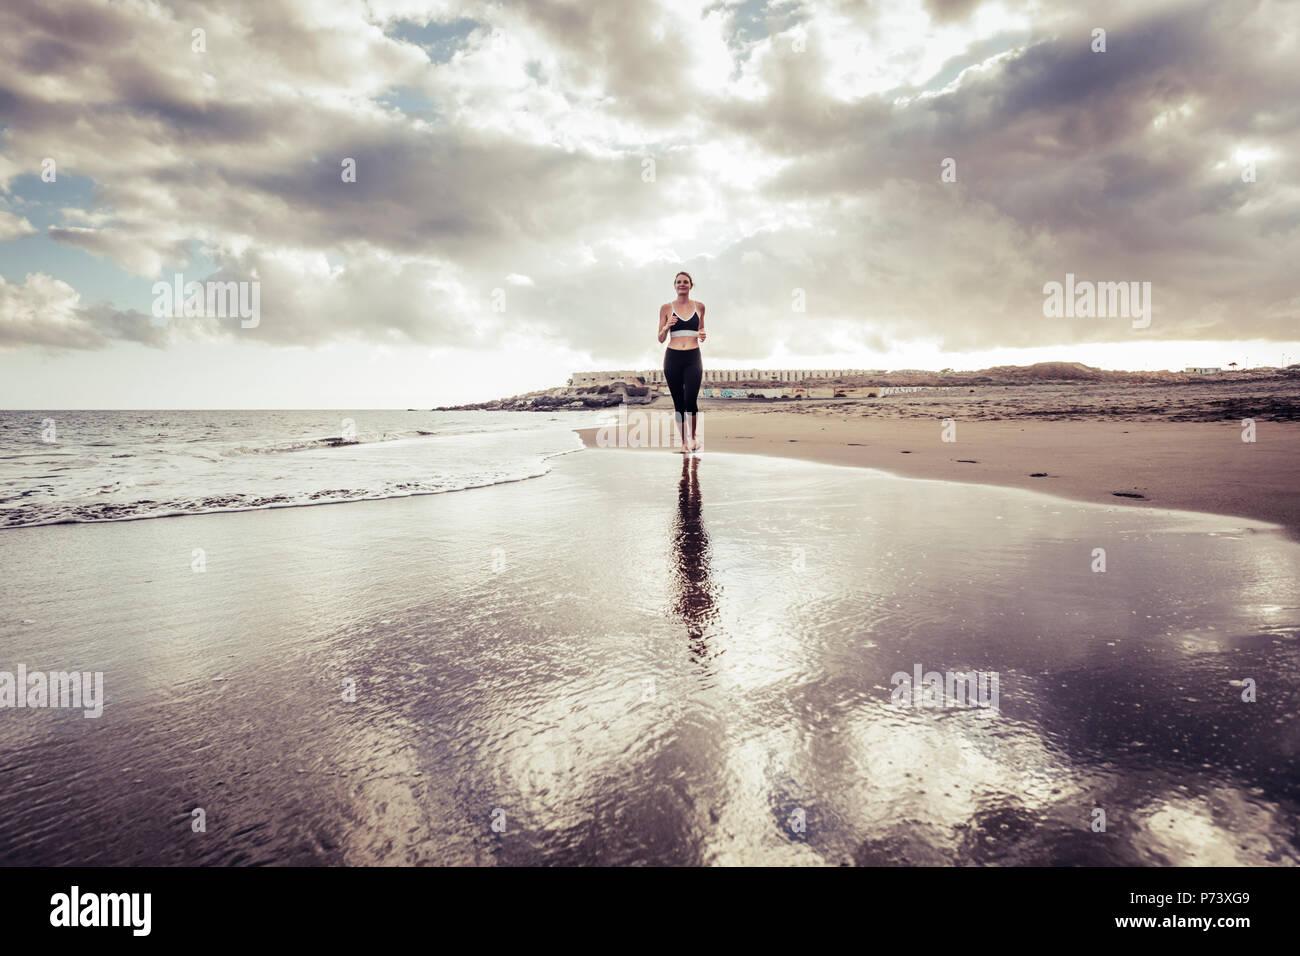 Lonely runner donna giovane ragazza caucasica in spiaggia in stile a piedi nudi in esecuzione sulla riva. onde e attività sportiva concetto. Un tramonto meraviglioso un Immagini Stock